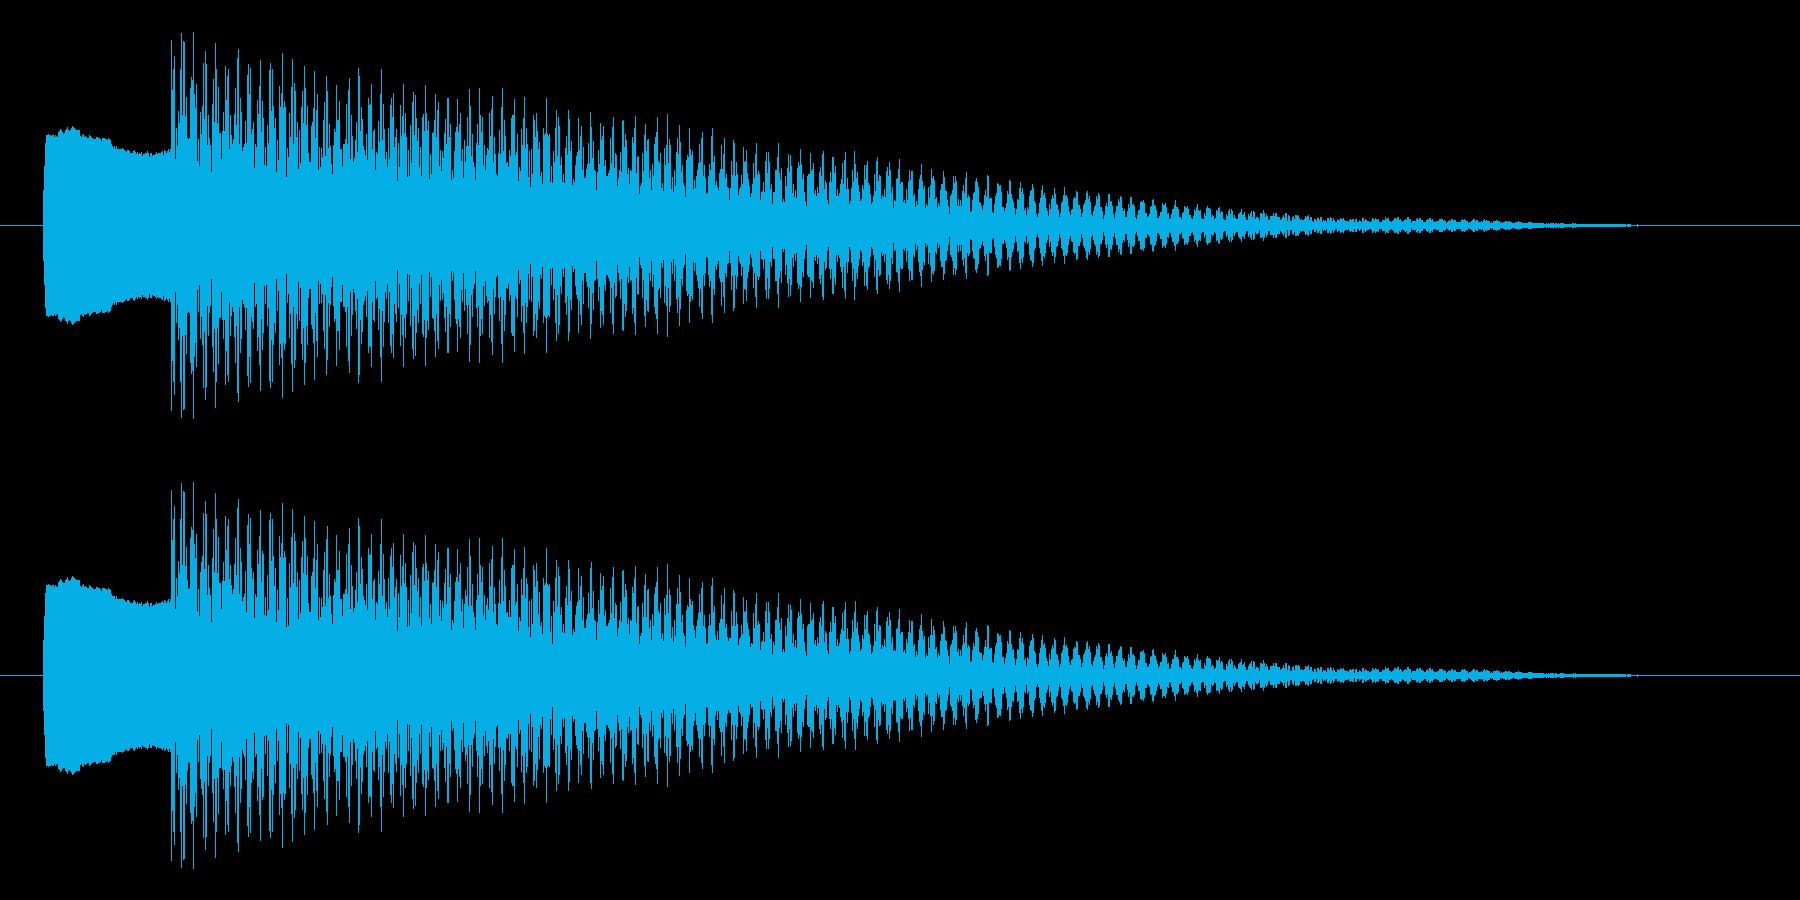 チリーン ピキーン 選択 決定 セレクトの再生済みの波形